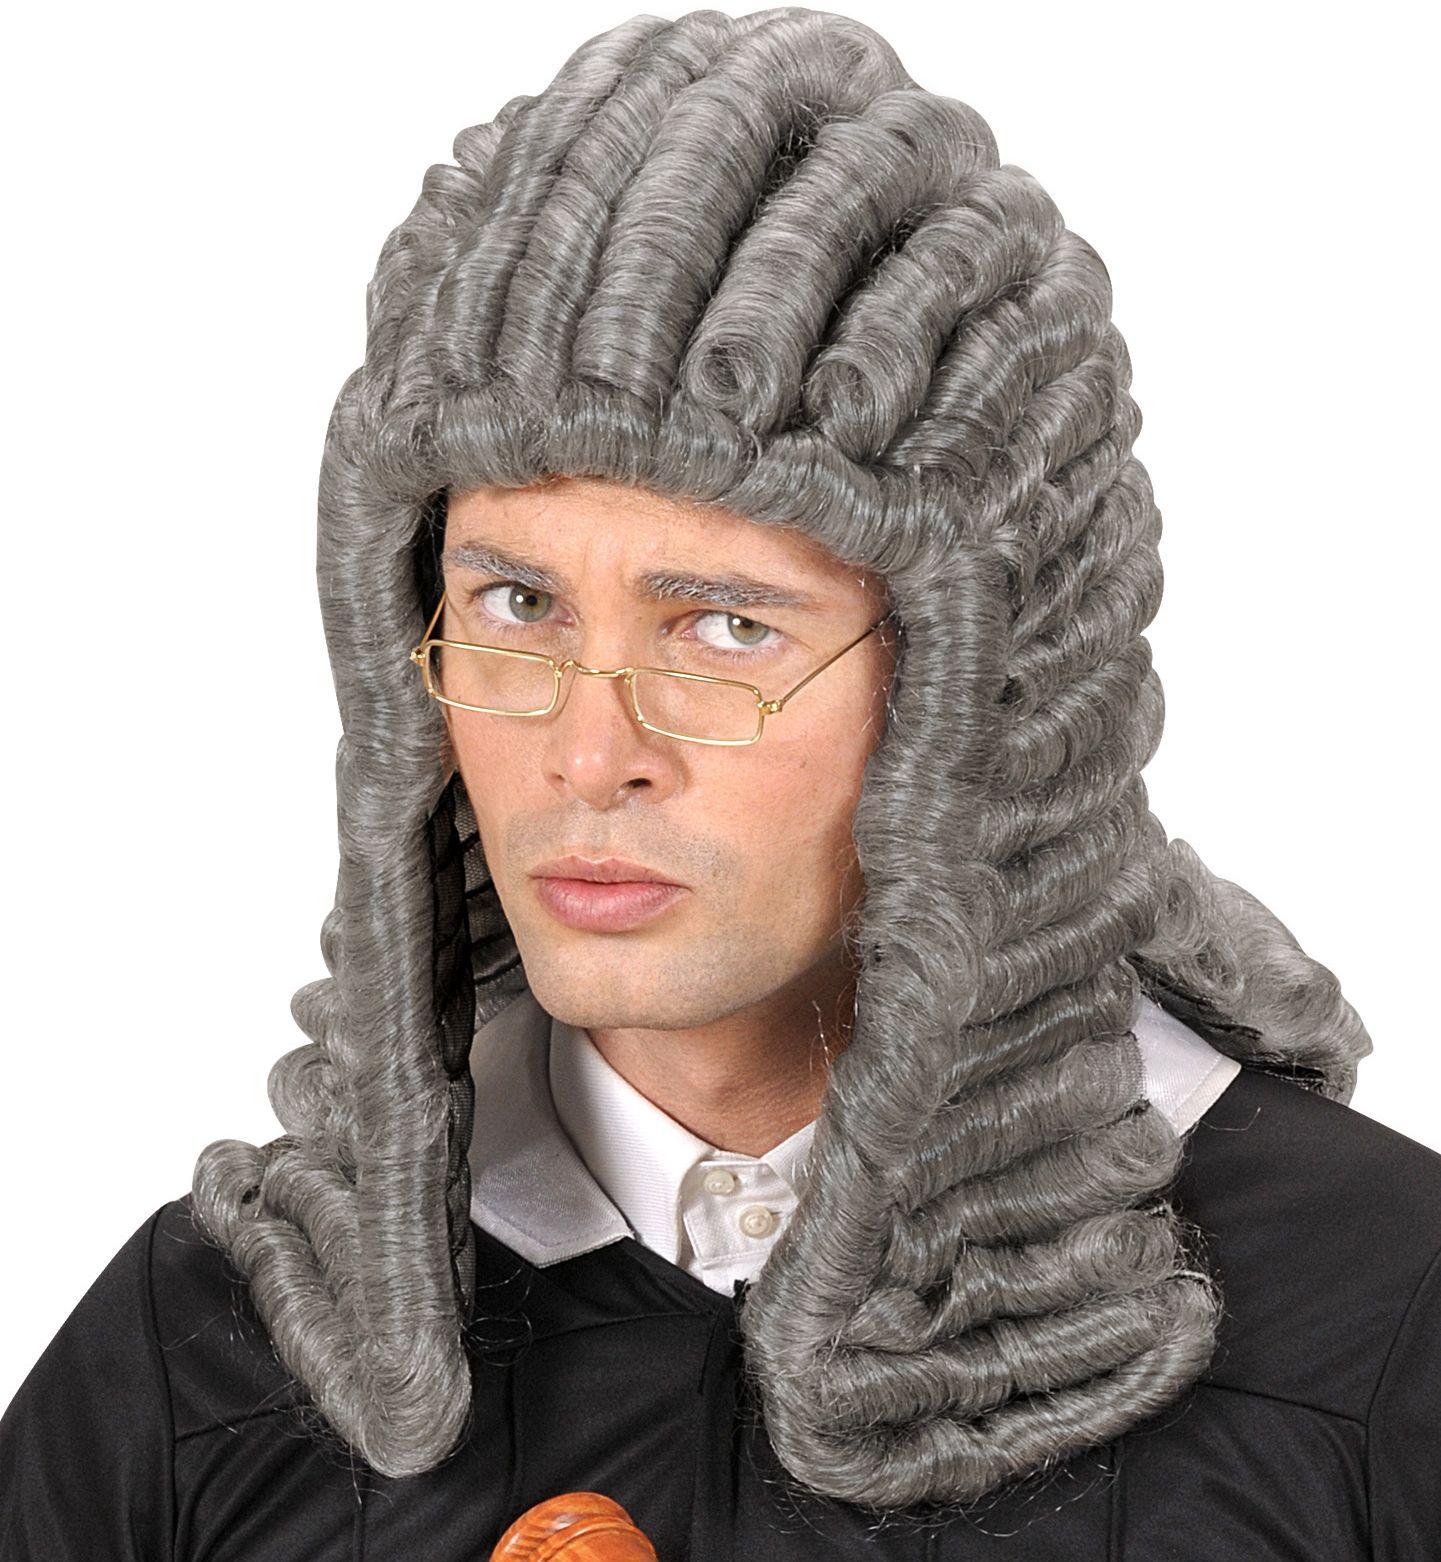 Engelse rechter pruik grijs